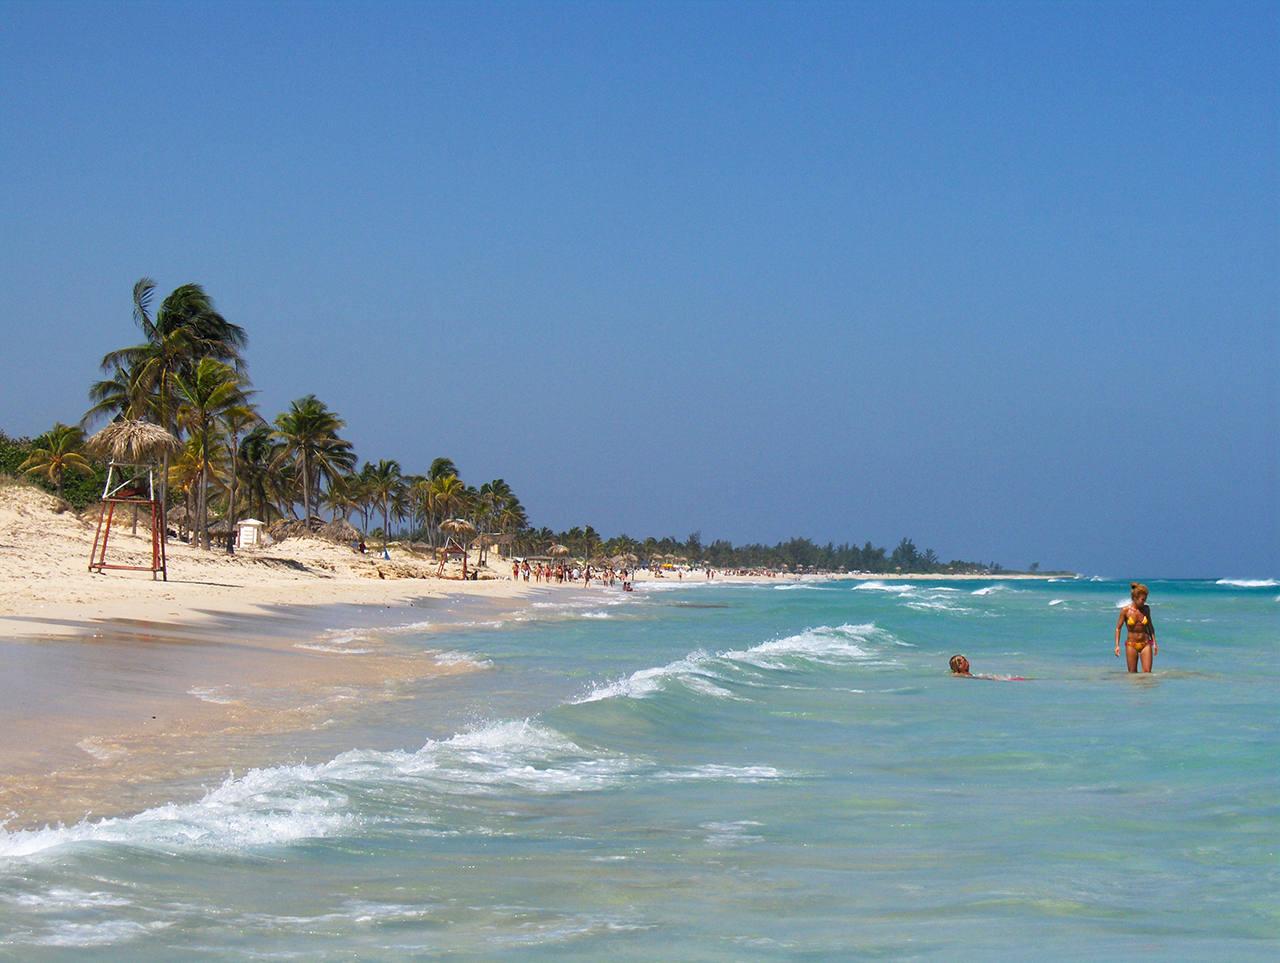 Отзывы об отдыхе на Кубе